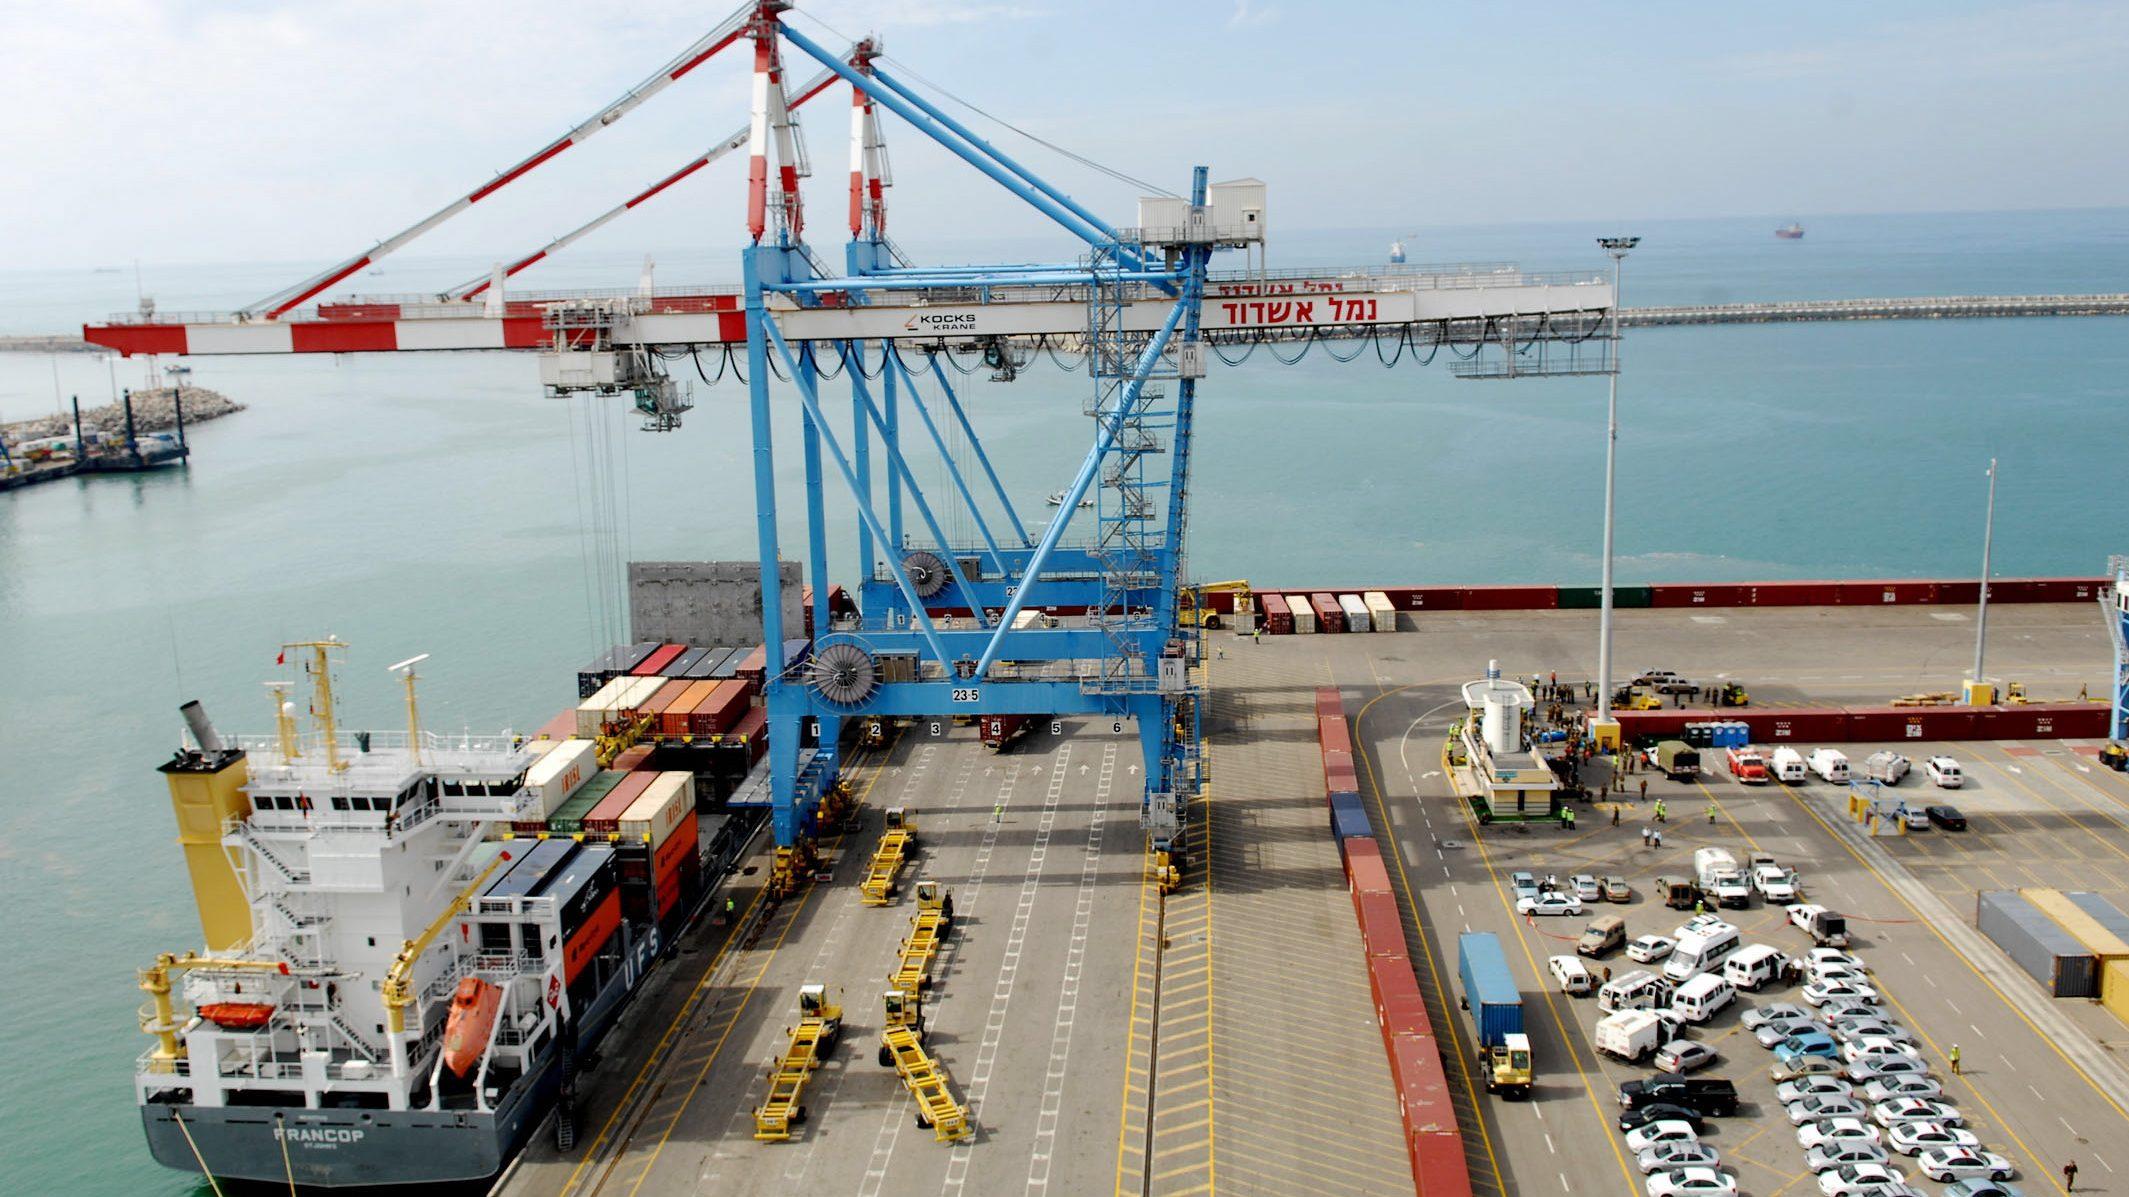 חברת נמל אשדוד פרסמה מכרז לביטוח חיים קבוצתי לעובדי הנמל